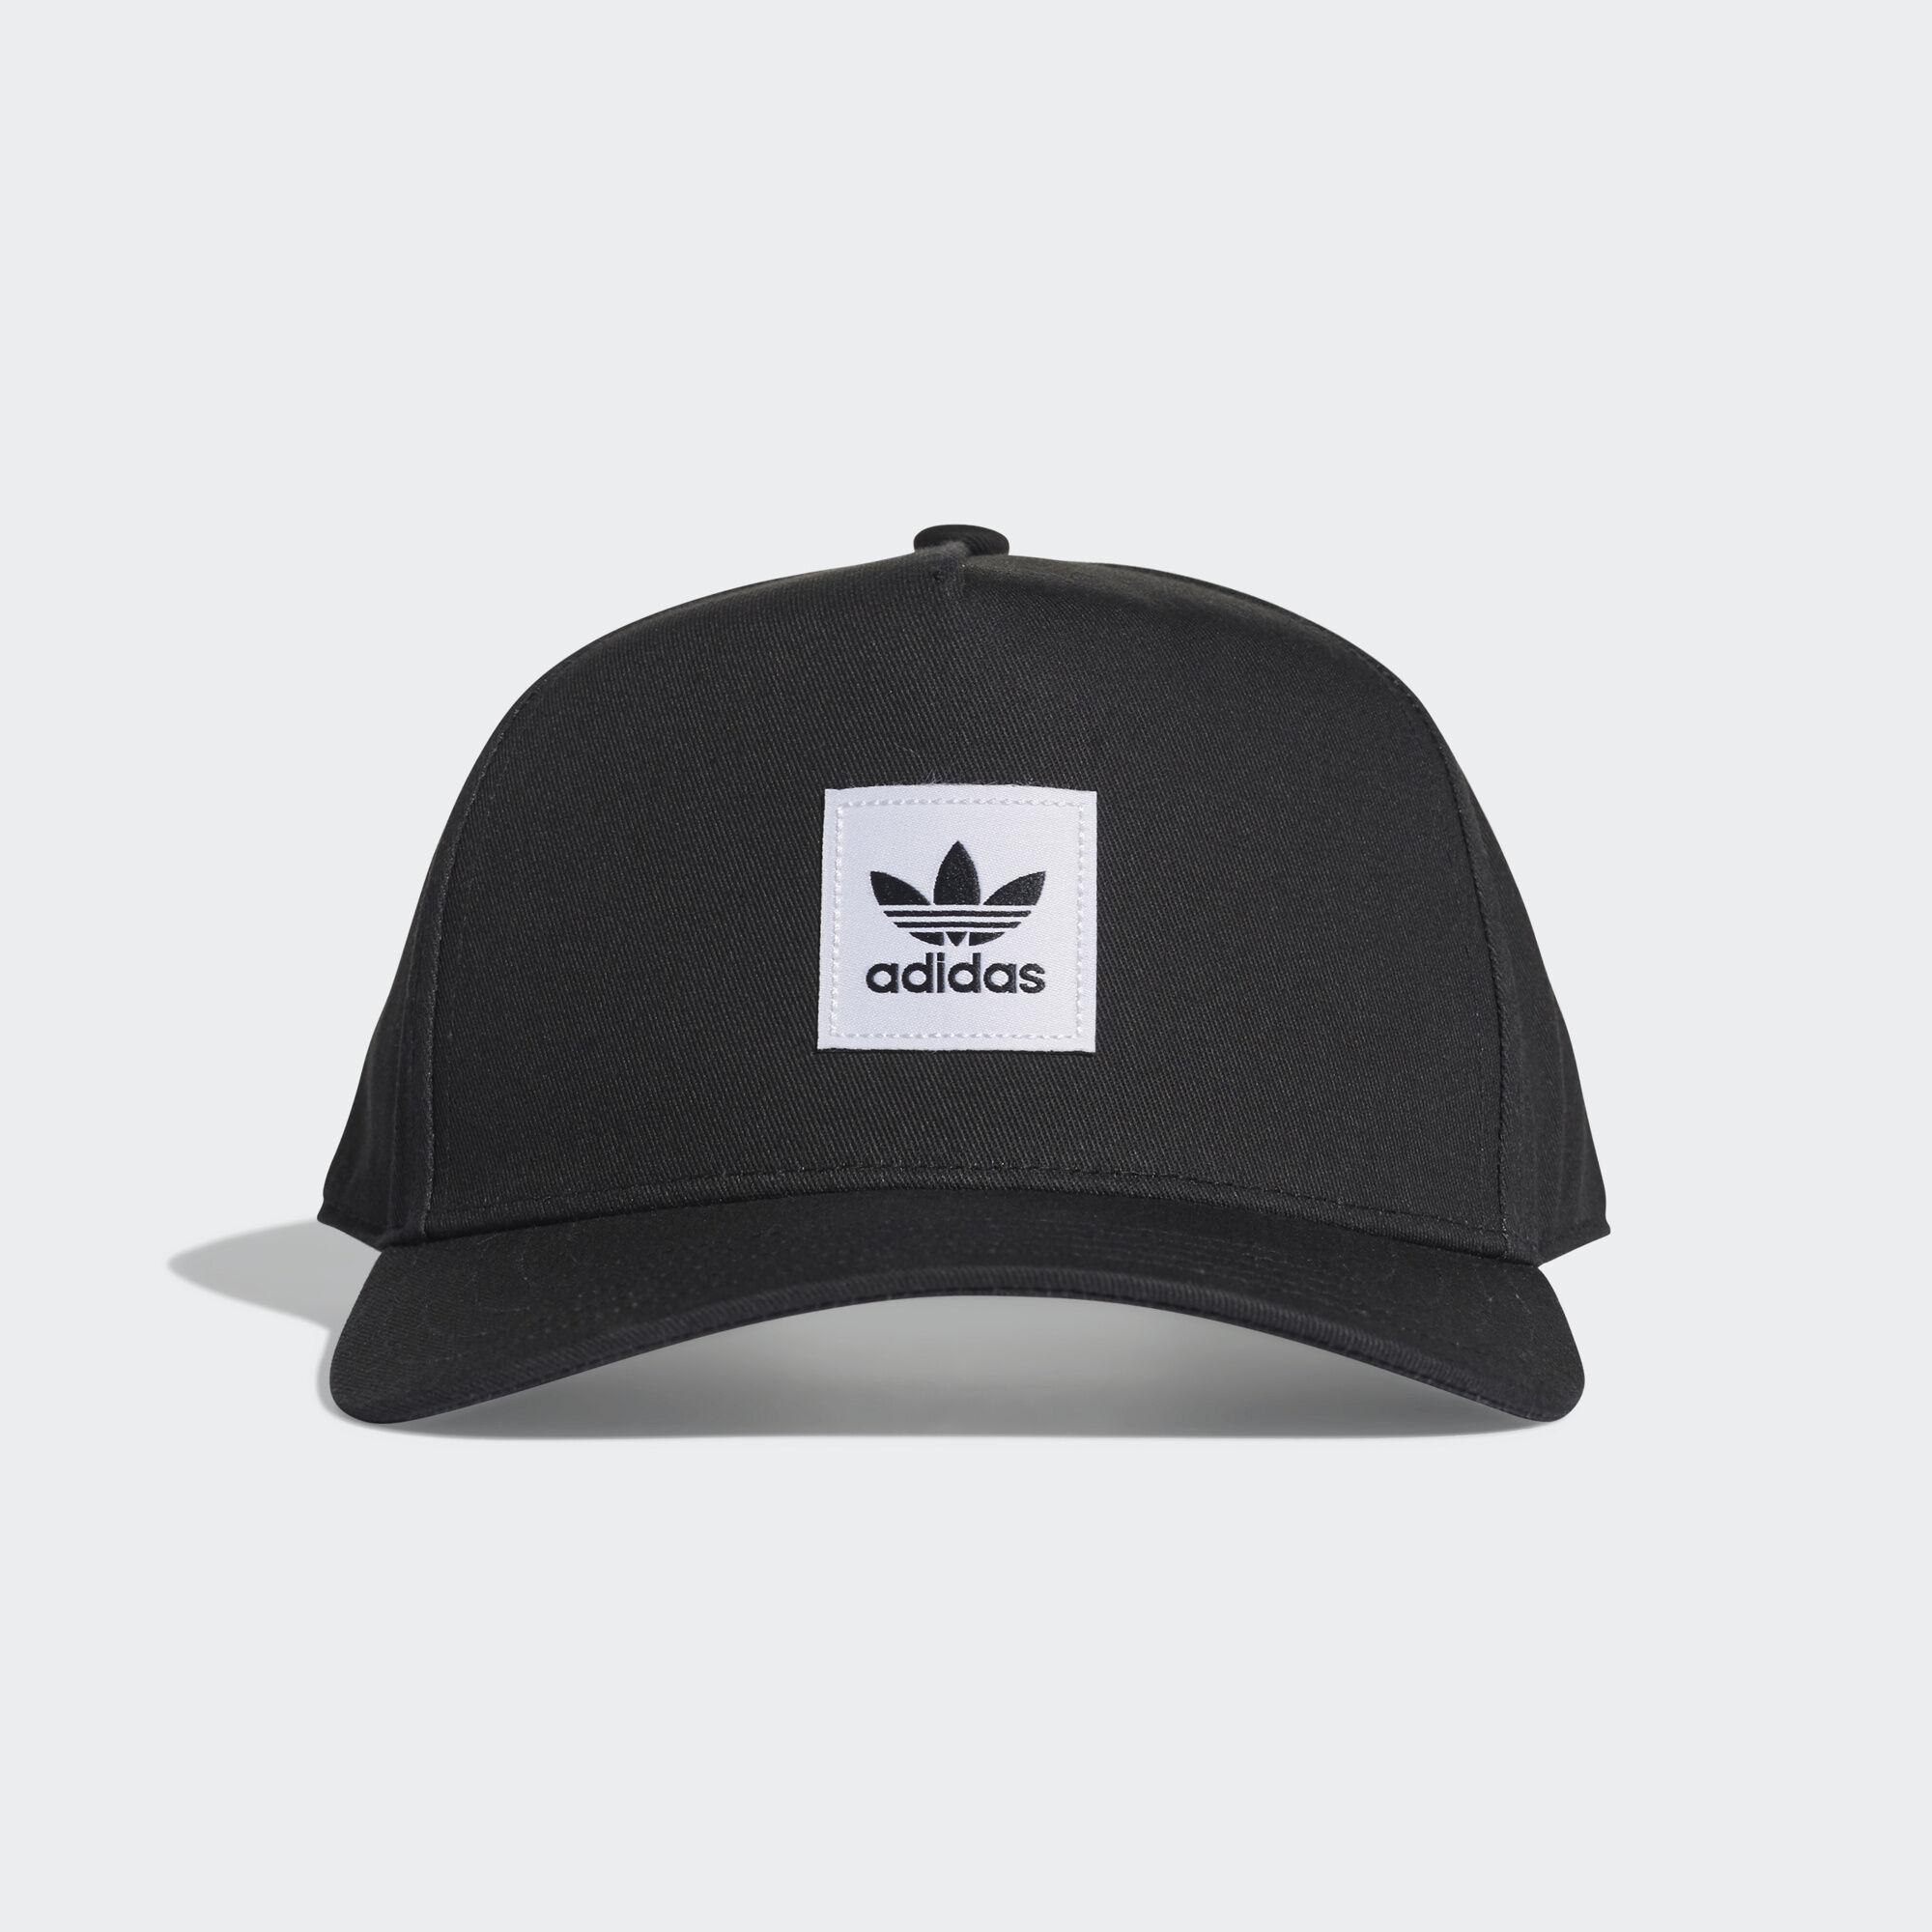 adidas - A-frame Cap Black   White DU6796. Originals 4410fe23b41